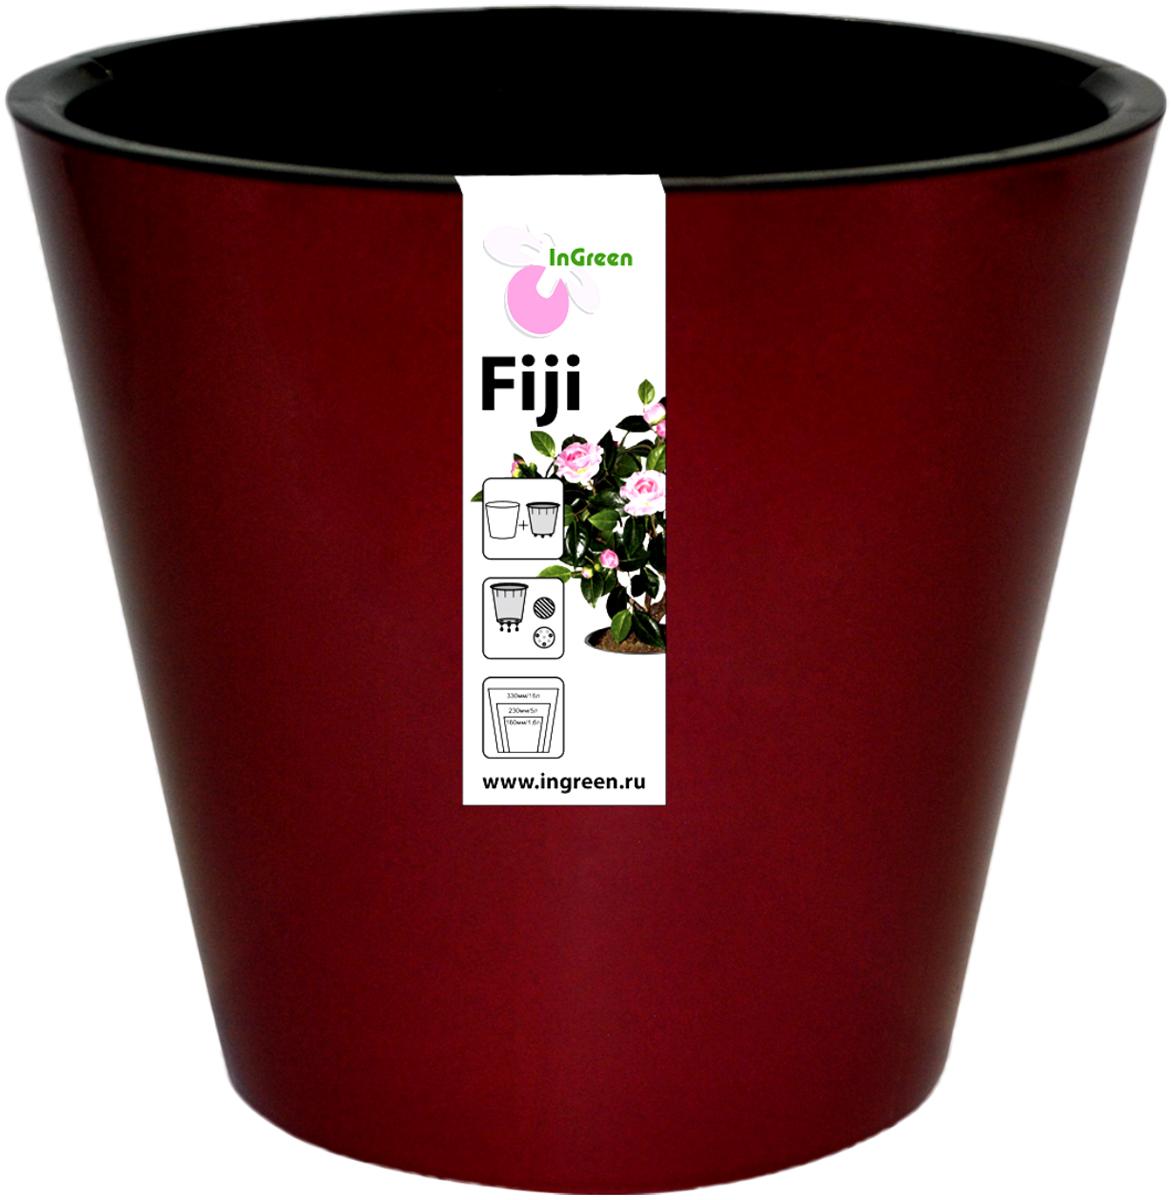 Горшок для цветов InGreen Фиджи, с ситемой атополива, цвет: бордовый, диаметр 16 смING1553БРГоршок InGreen Фиджи, выполненный из высококачественного пластика, предназначен для выращивания комнатных цветов, растений и трав. Специальная конструкция обеспечивает вентиляцию в корневой системе растения, а дренажные отверстия позволяют выходить лишней влаге из почвы. Изделие состоит из цветного кашпо и внутреннего горшка. Растение высаживается во внутренний горшок и вставляется в кашпо. Инновационная система автополива обладает рядом преимуществ: экономит время при уходе за растением, вода не протекает при поливе и нет необходимости в подставке, корни не застаиваются в воде. Такой горшок порадует вас современным дизайном и функциональностью, а также оригинально украсит интерьер любого помещения. Объем: 1,6 л. Диаметр (по верхнему краю): 16 см. Высота: 14,5 см.